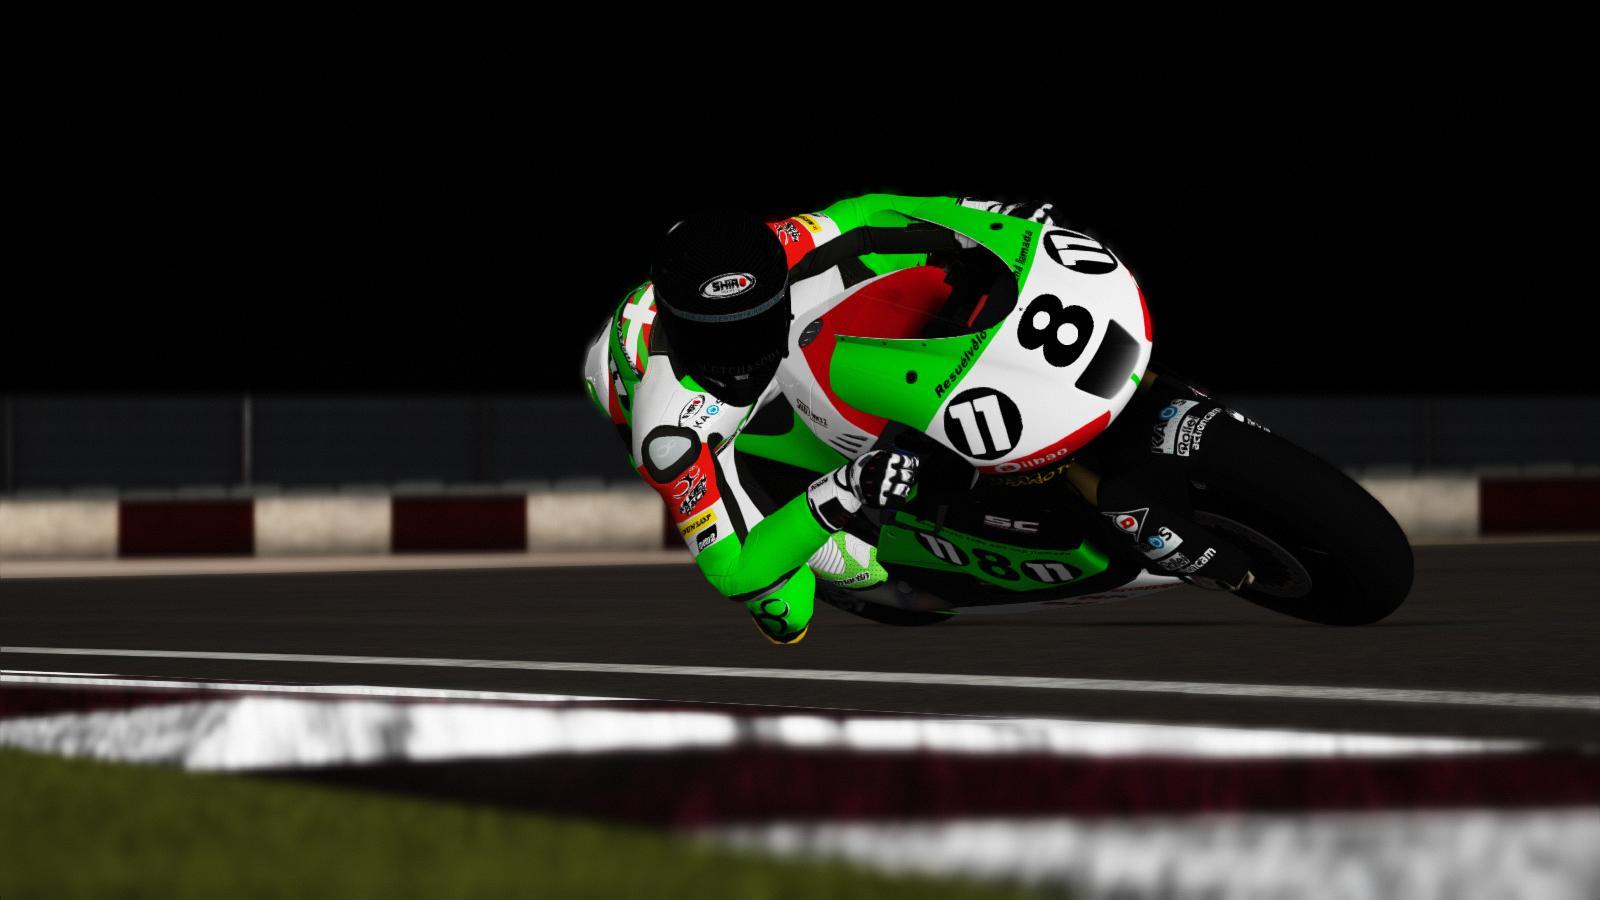 MotoGP15X64 2016-03-22 03-13-11-16.jpg